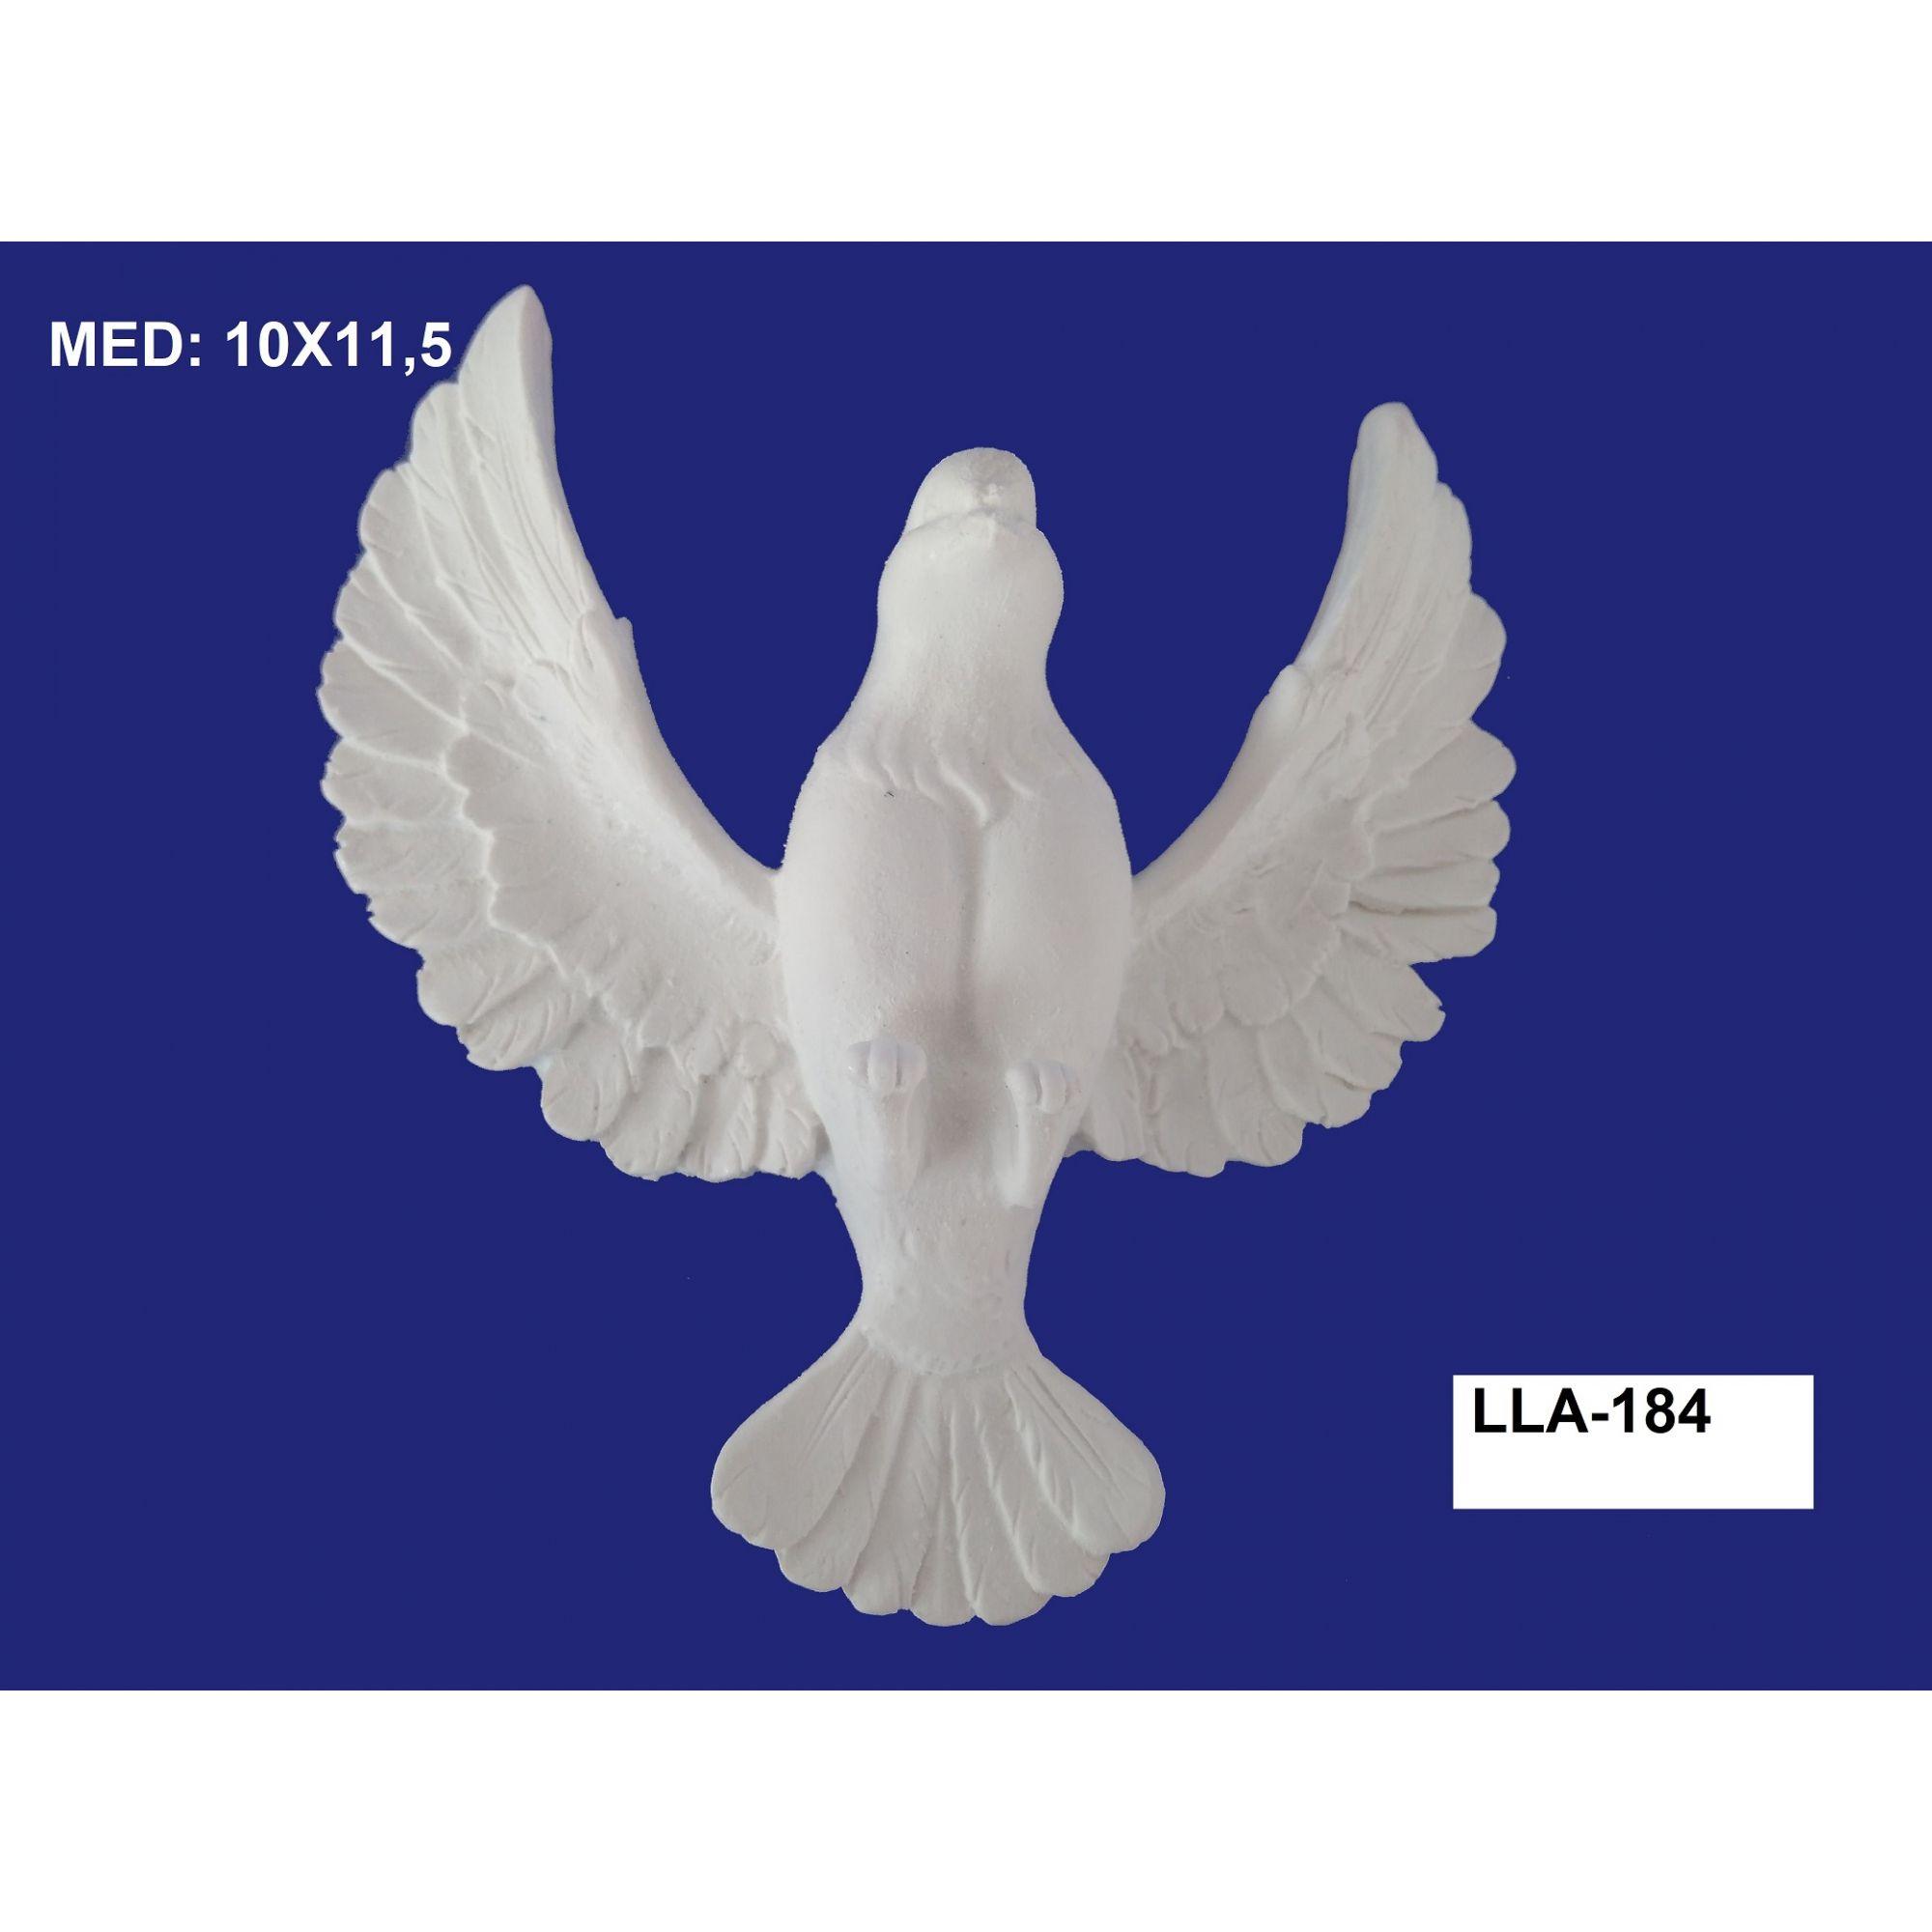 LLA-184 APLIQUE DIVINO 10X11,5 CM